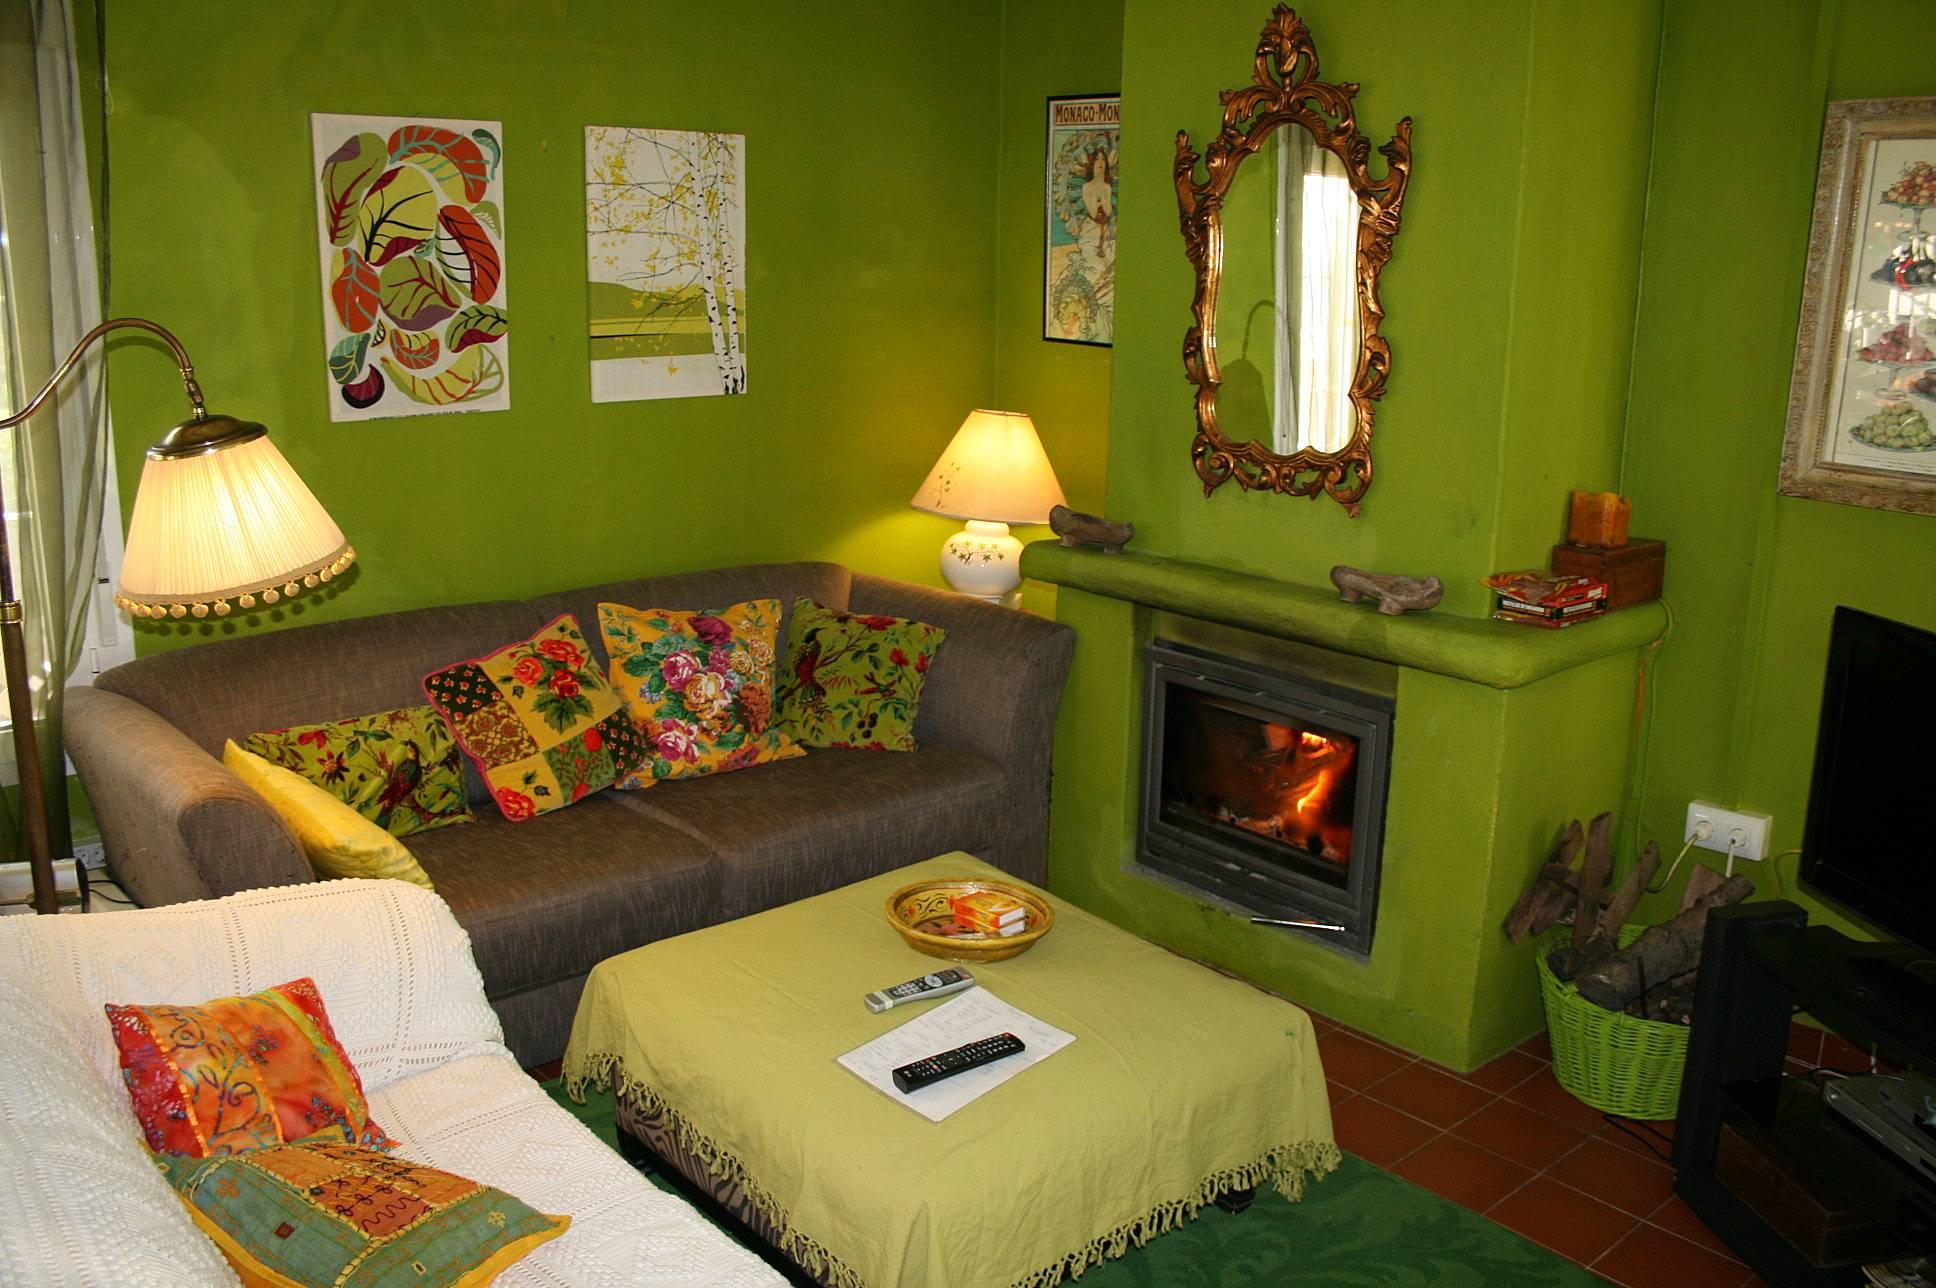 Casas de vacaciones en palomares del r o sevilla for Alquiler de casas en alcolea del rio sevilla